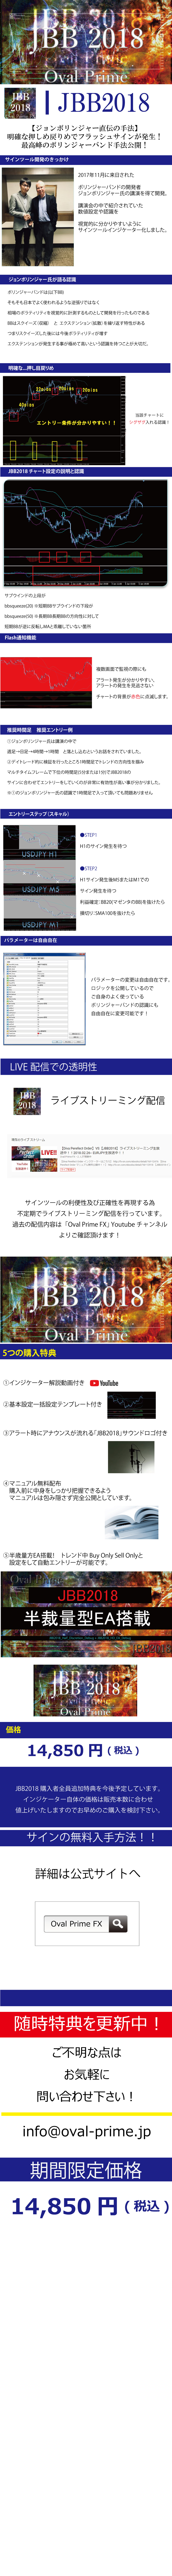 JBB2018 LP0228.jpg